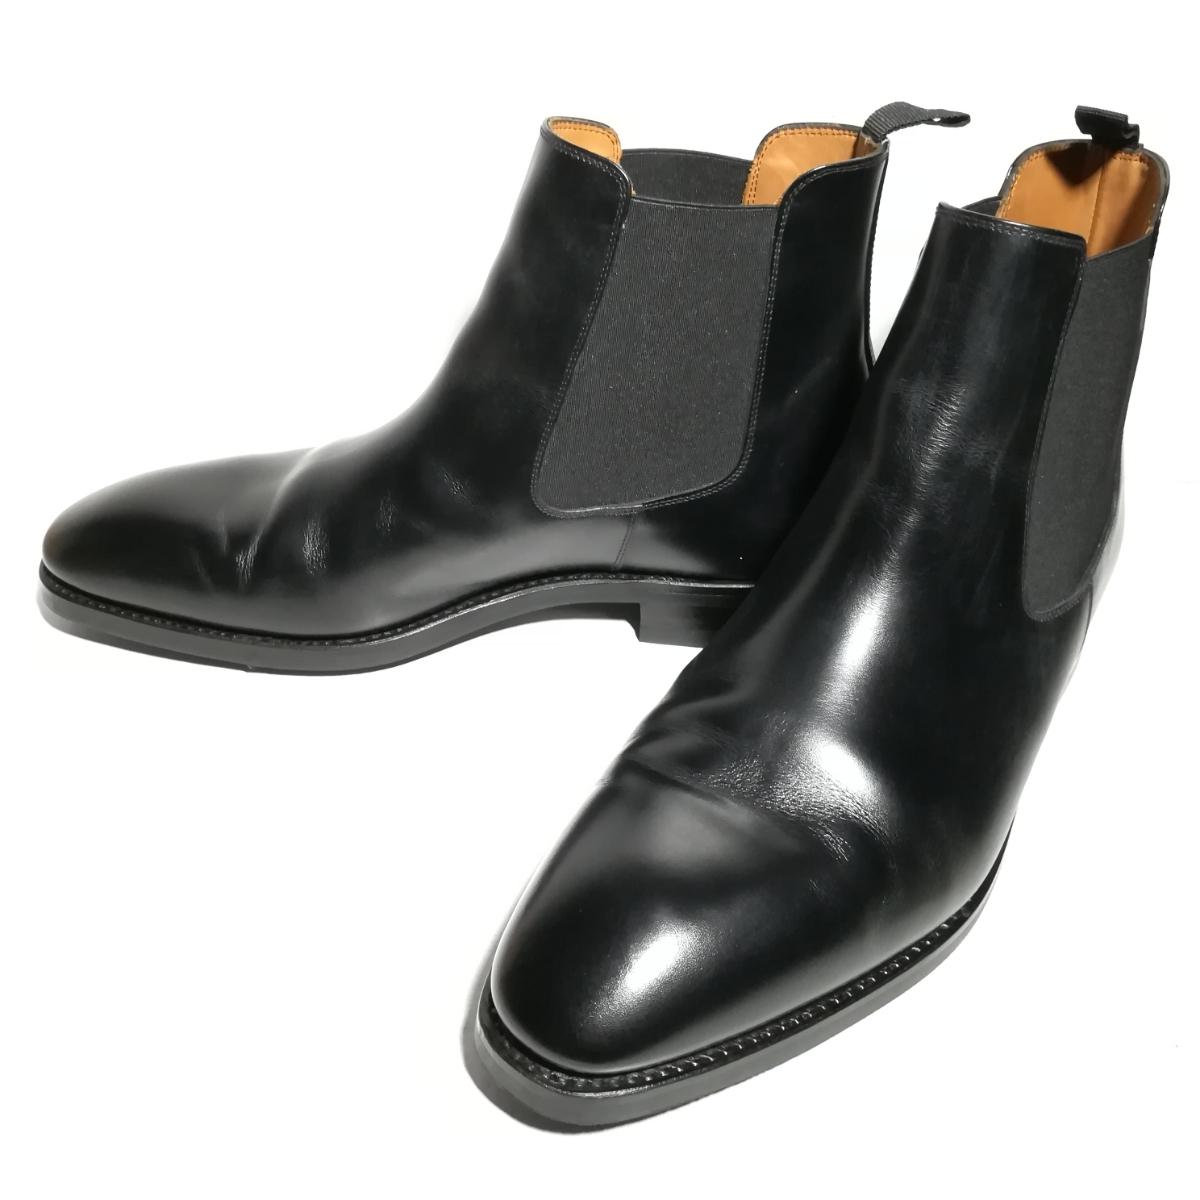 560 新品同様 ★ヤンコ YANKO★ サイドゴアブーツ 9 1/2 28.0cm 黒 ドレスシューズ 革靴_画像1